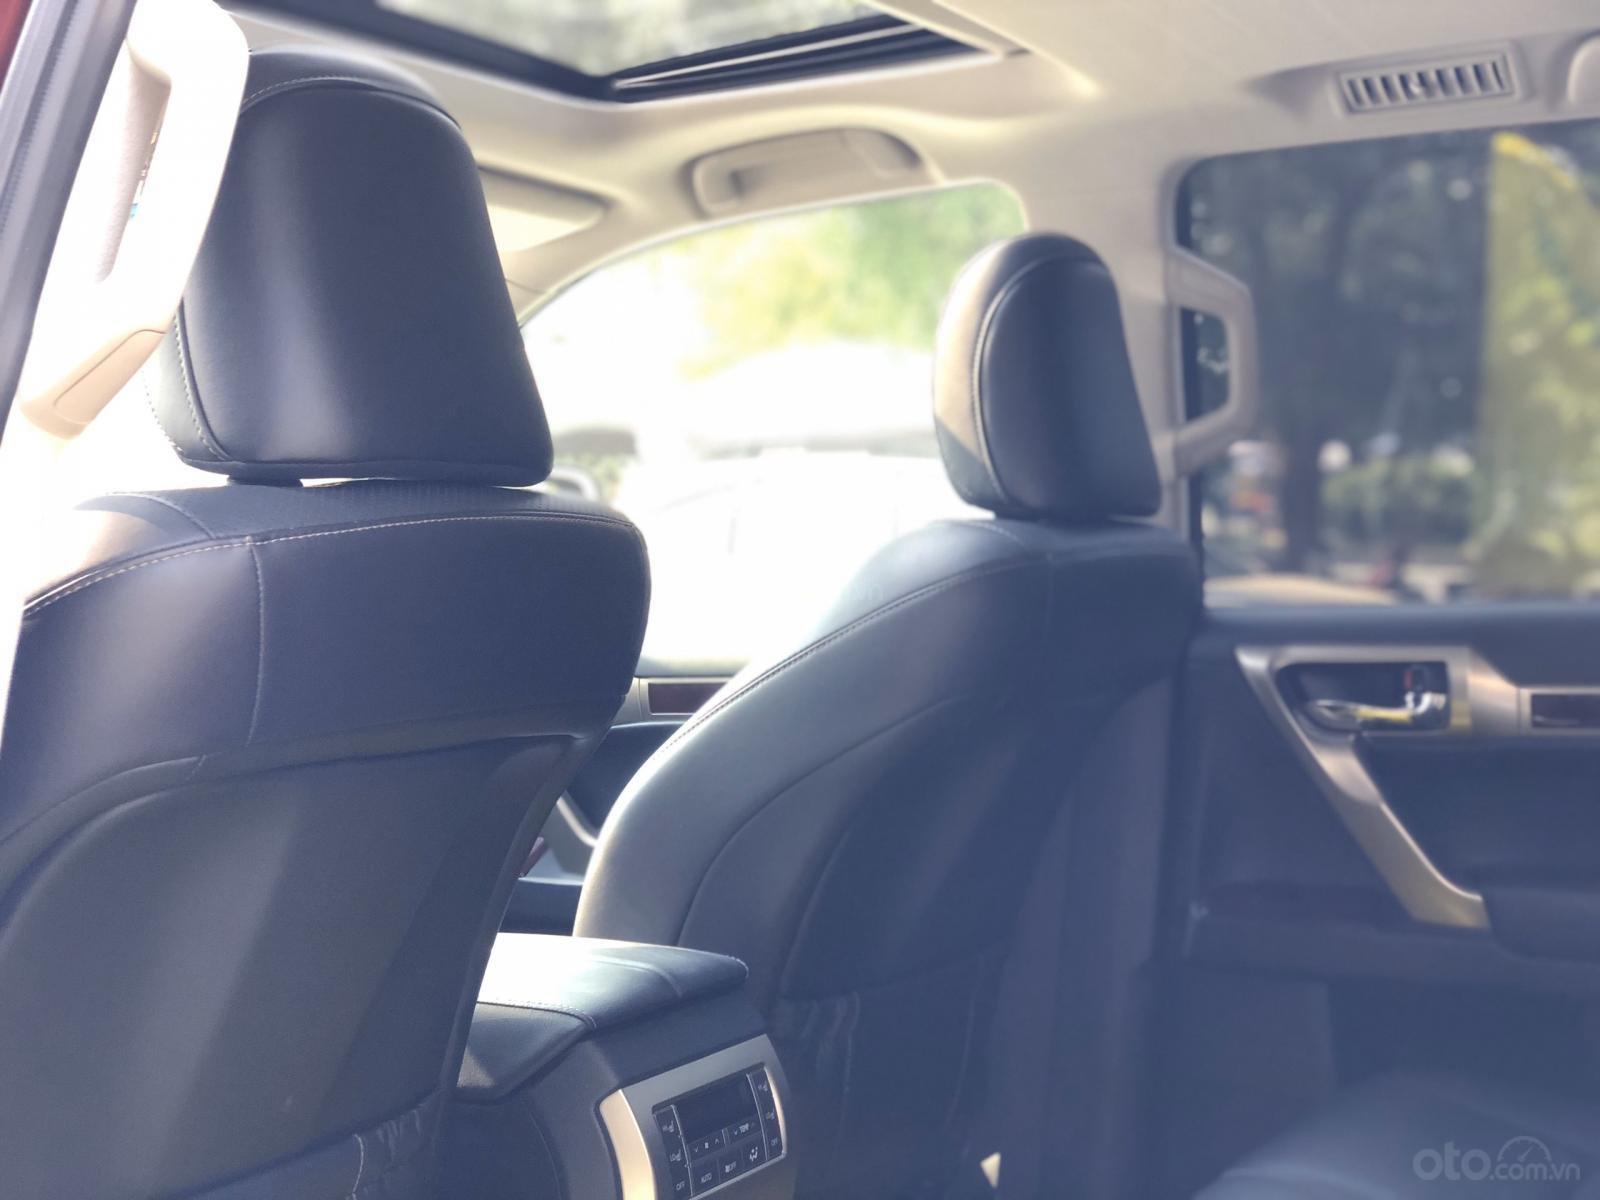 Bán Lexus GX 460 đời 2015, giao xe toàn quốc LH 094.539.2468 Ms Hương (5)